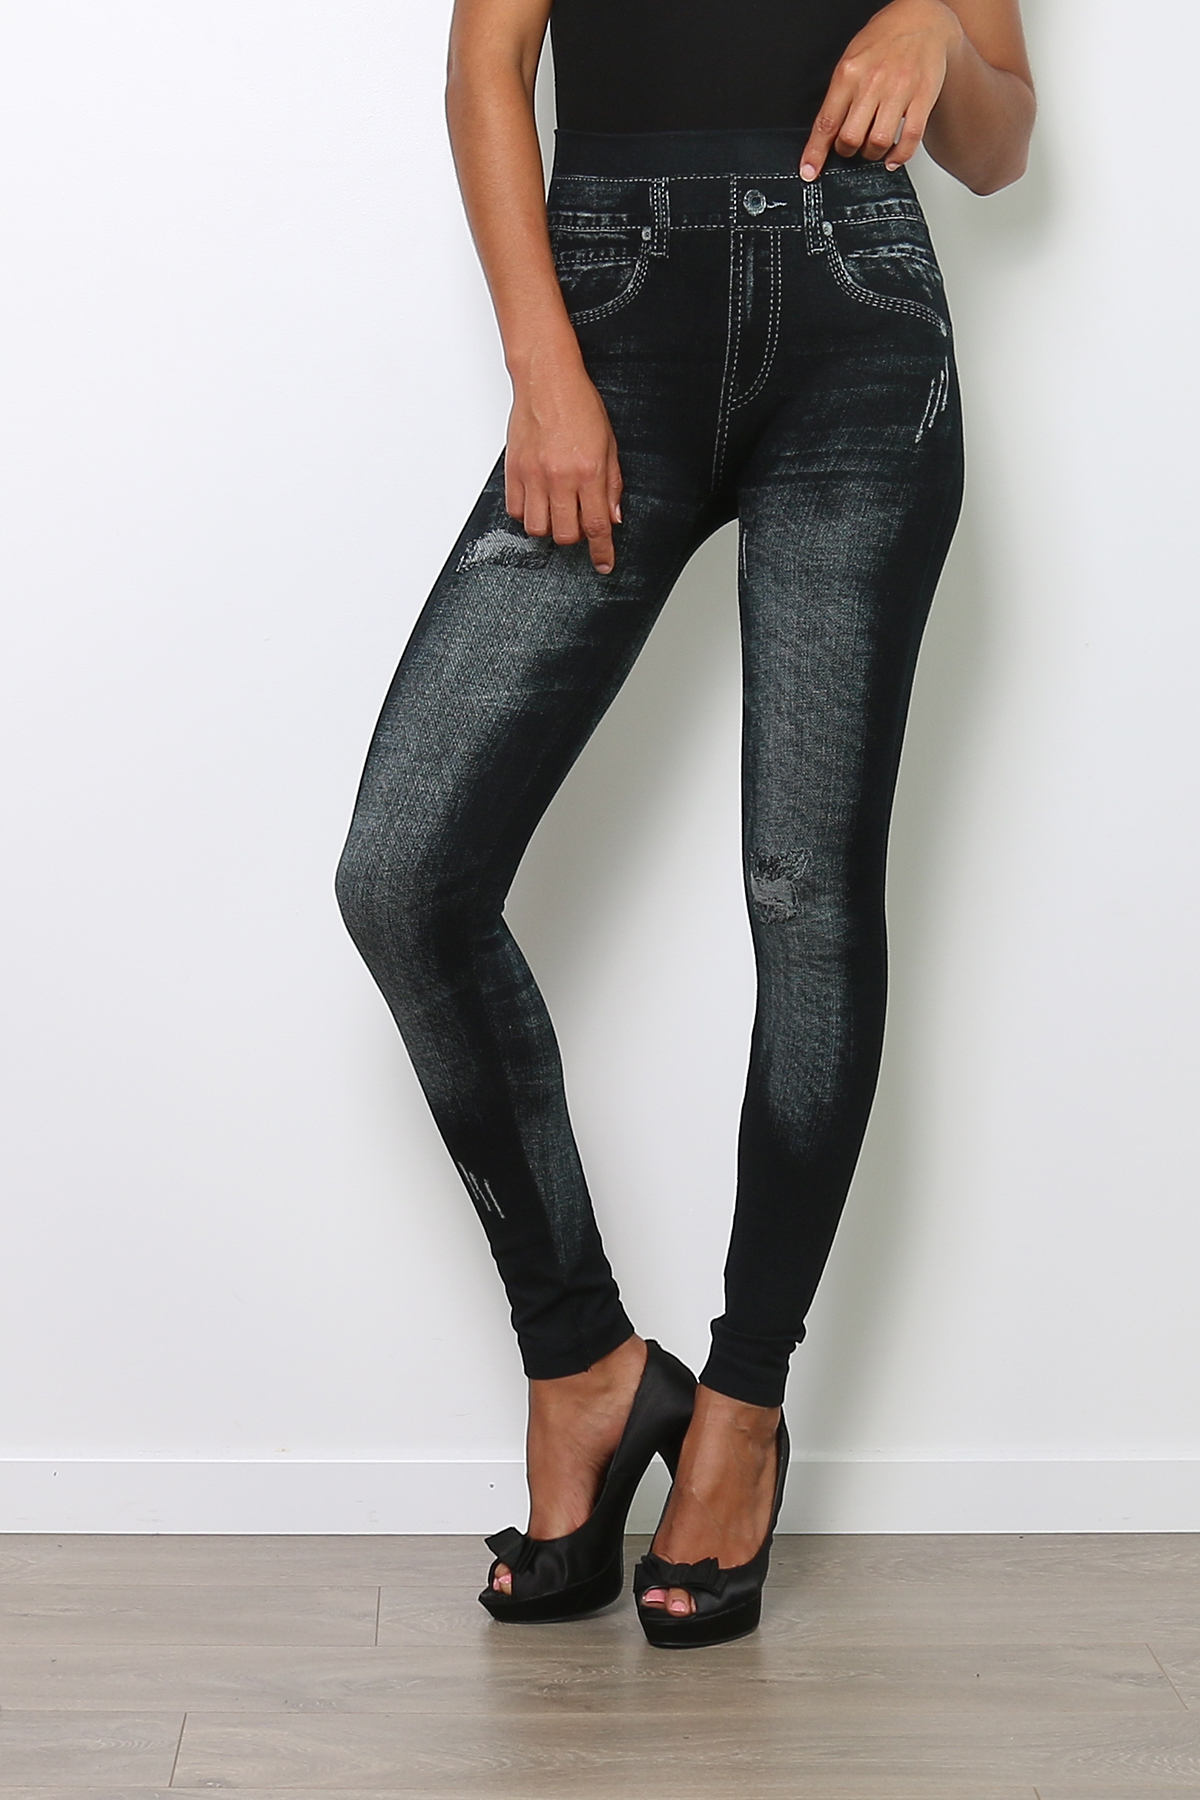 Leggings Femme ENLEGS001-NOIR Medi Mode